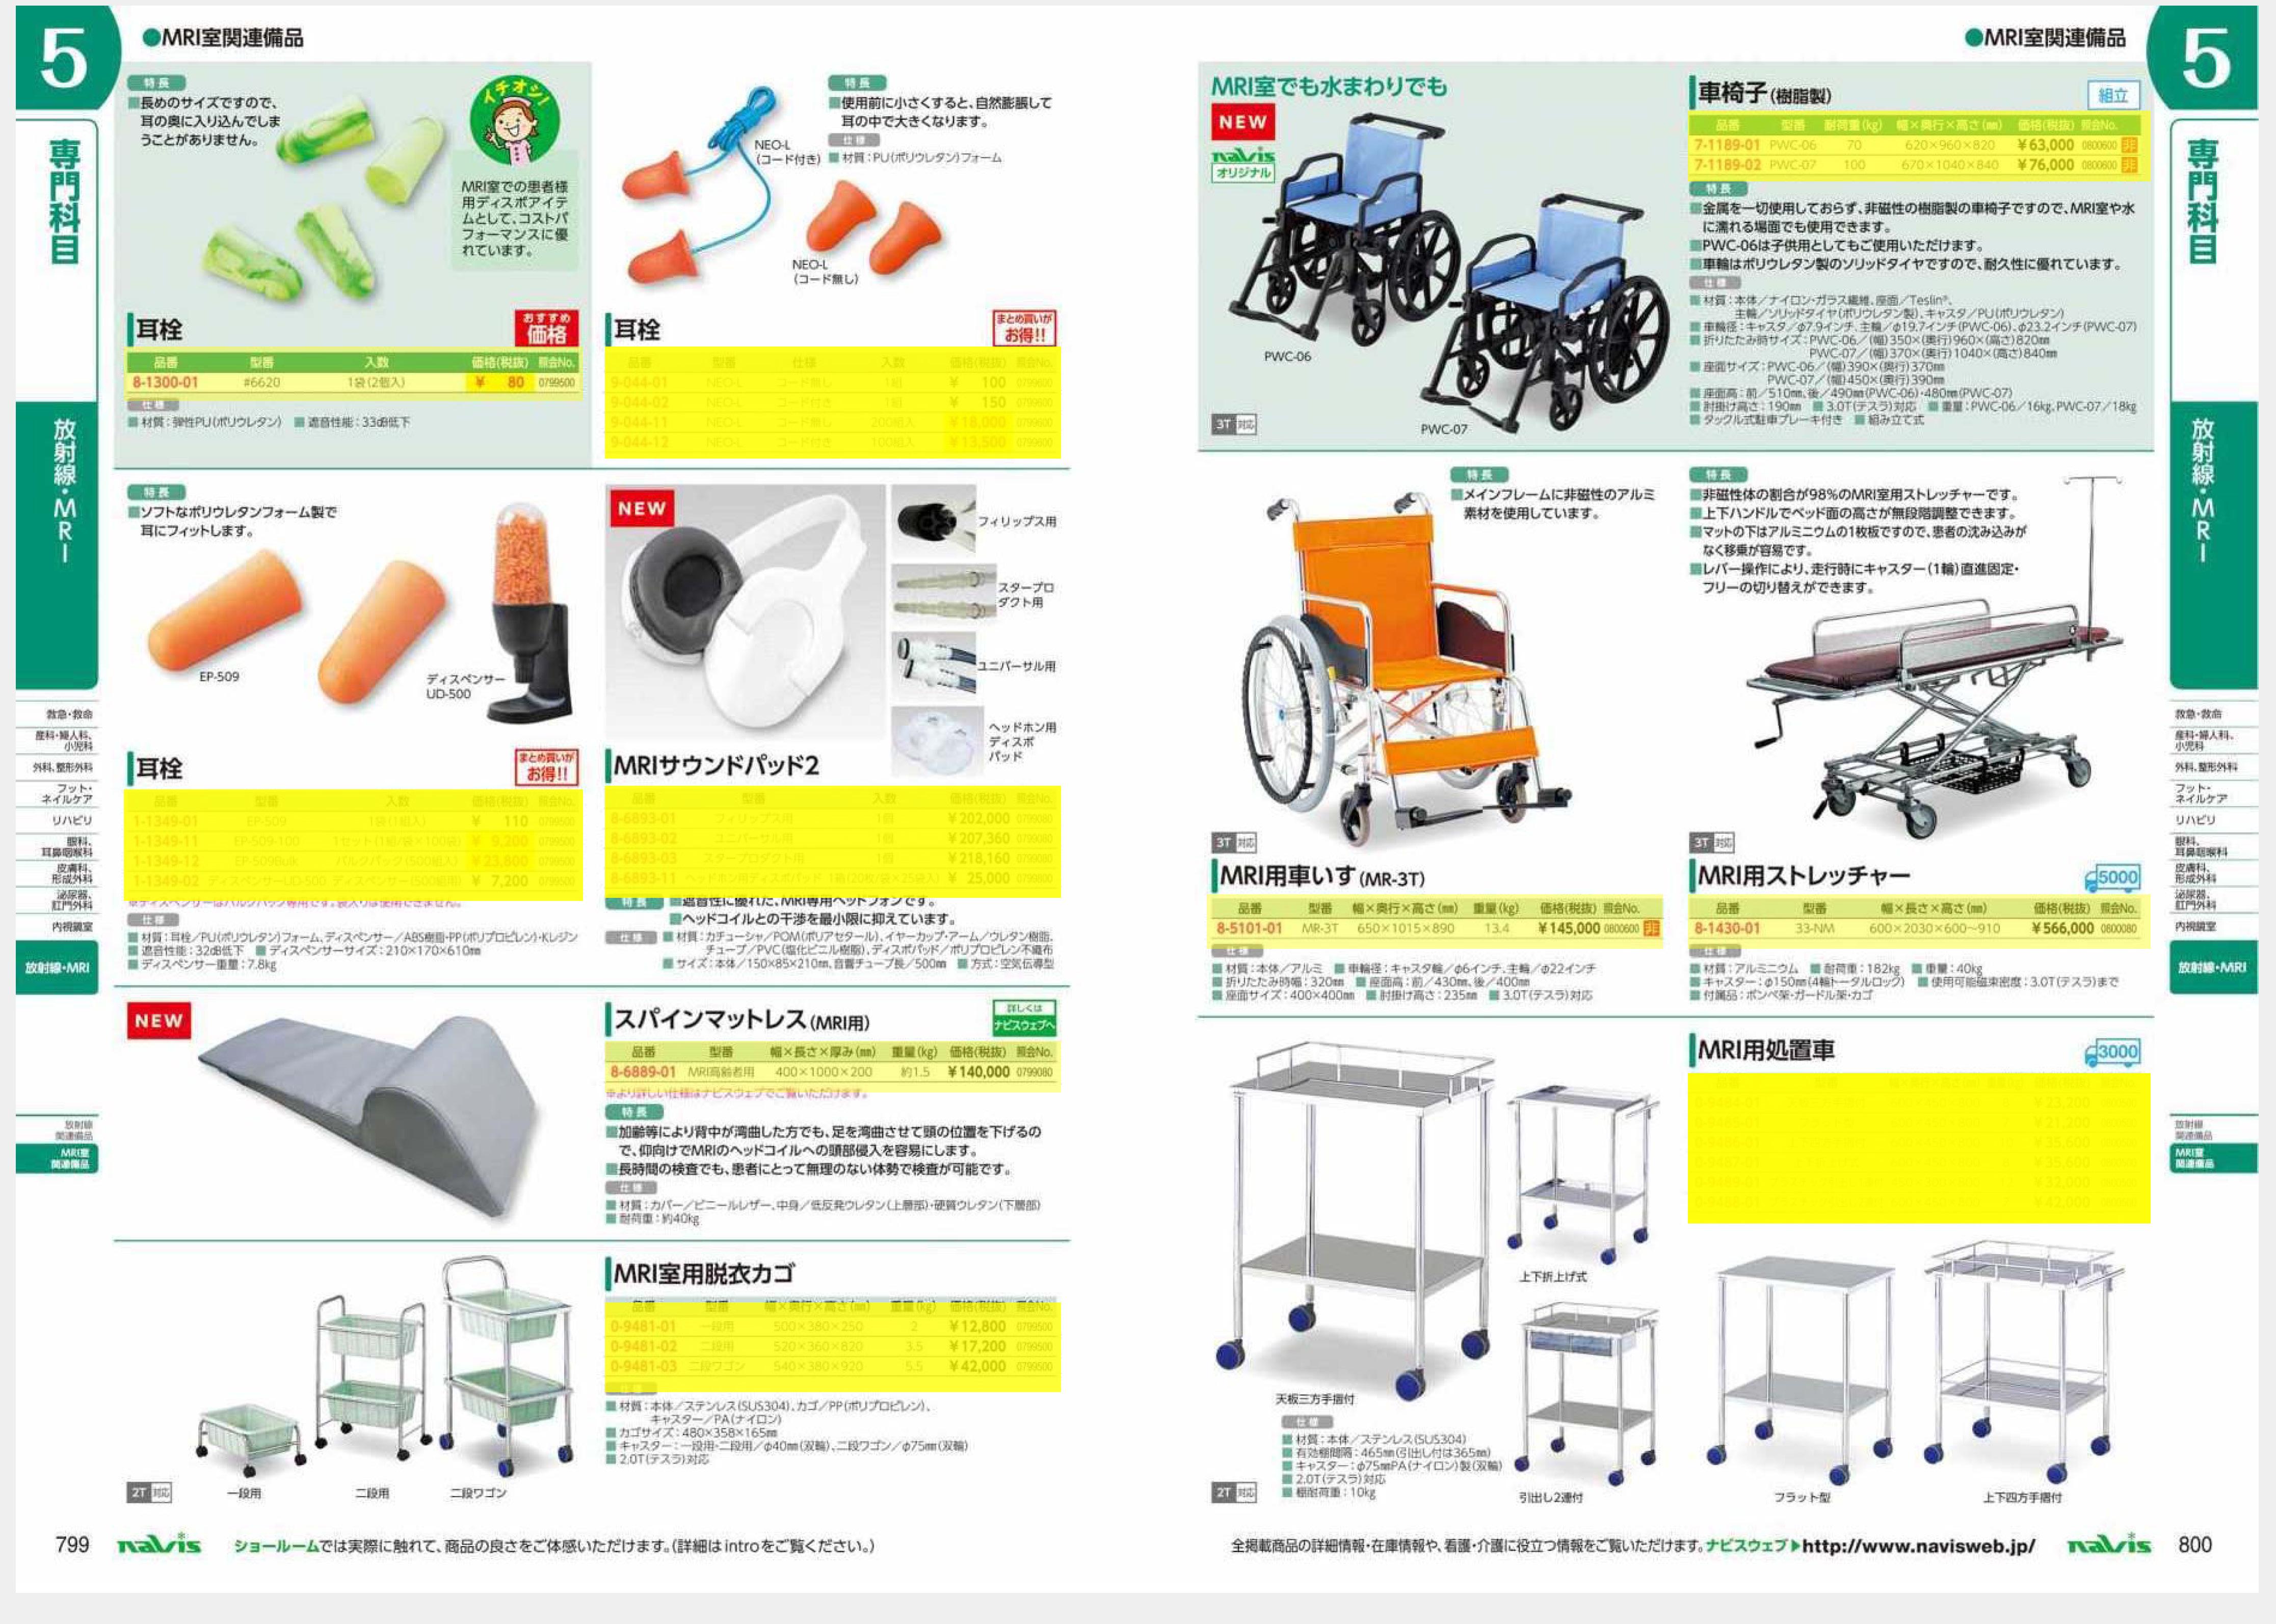 ナビス50000 ファーノ・ジャパン・インク 8-1430-01 MRI用ストレッチャー 33−NM[個](as1-8-1430-01)